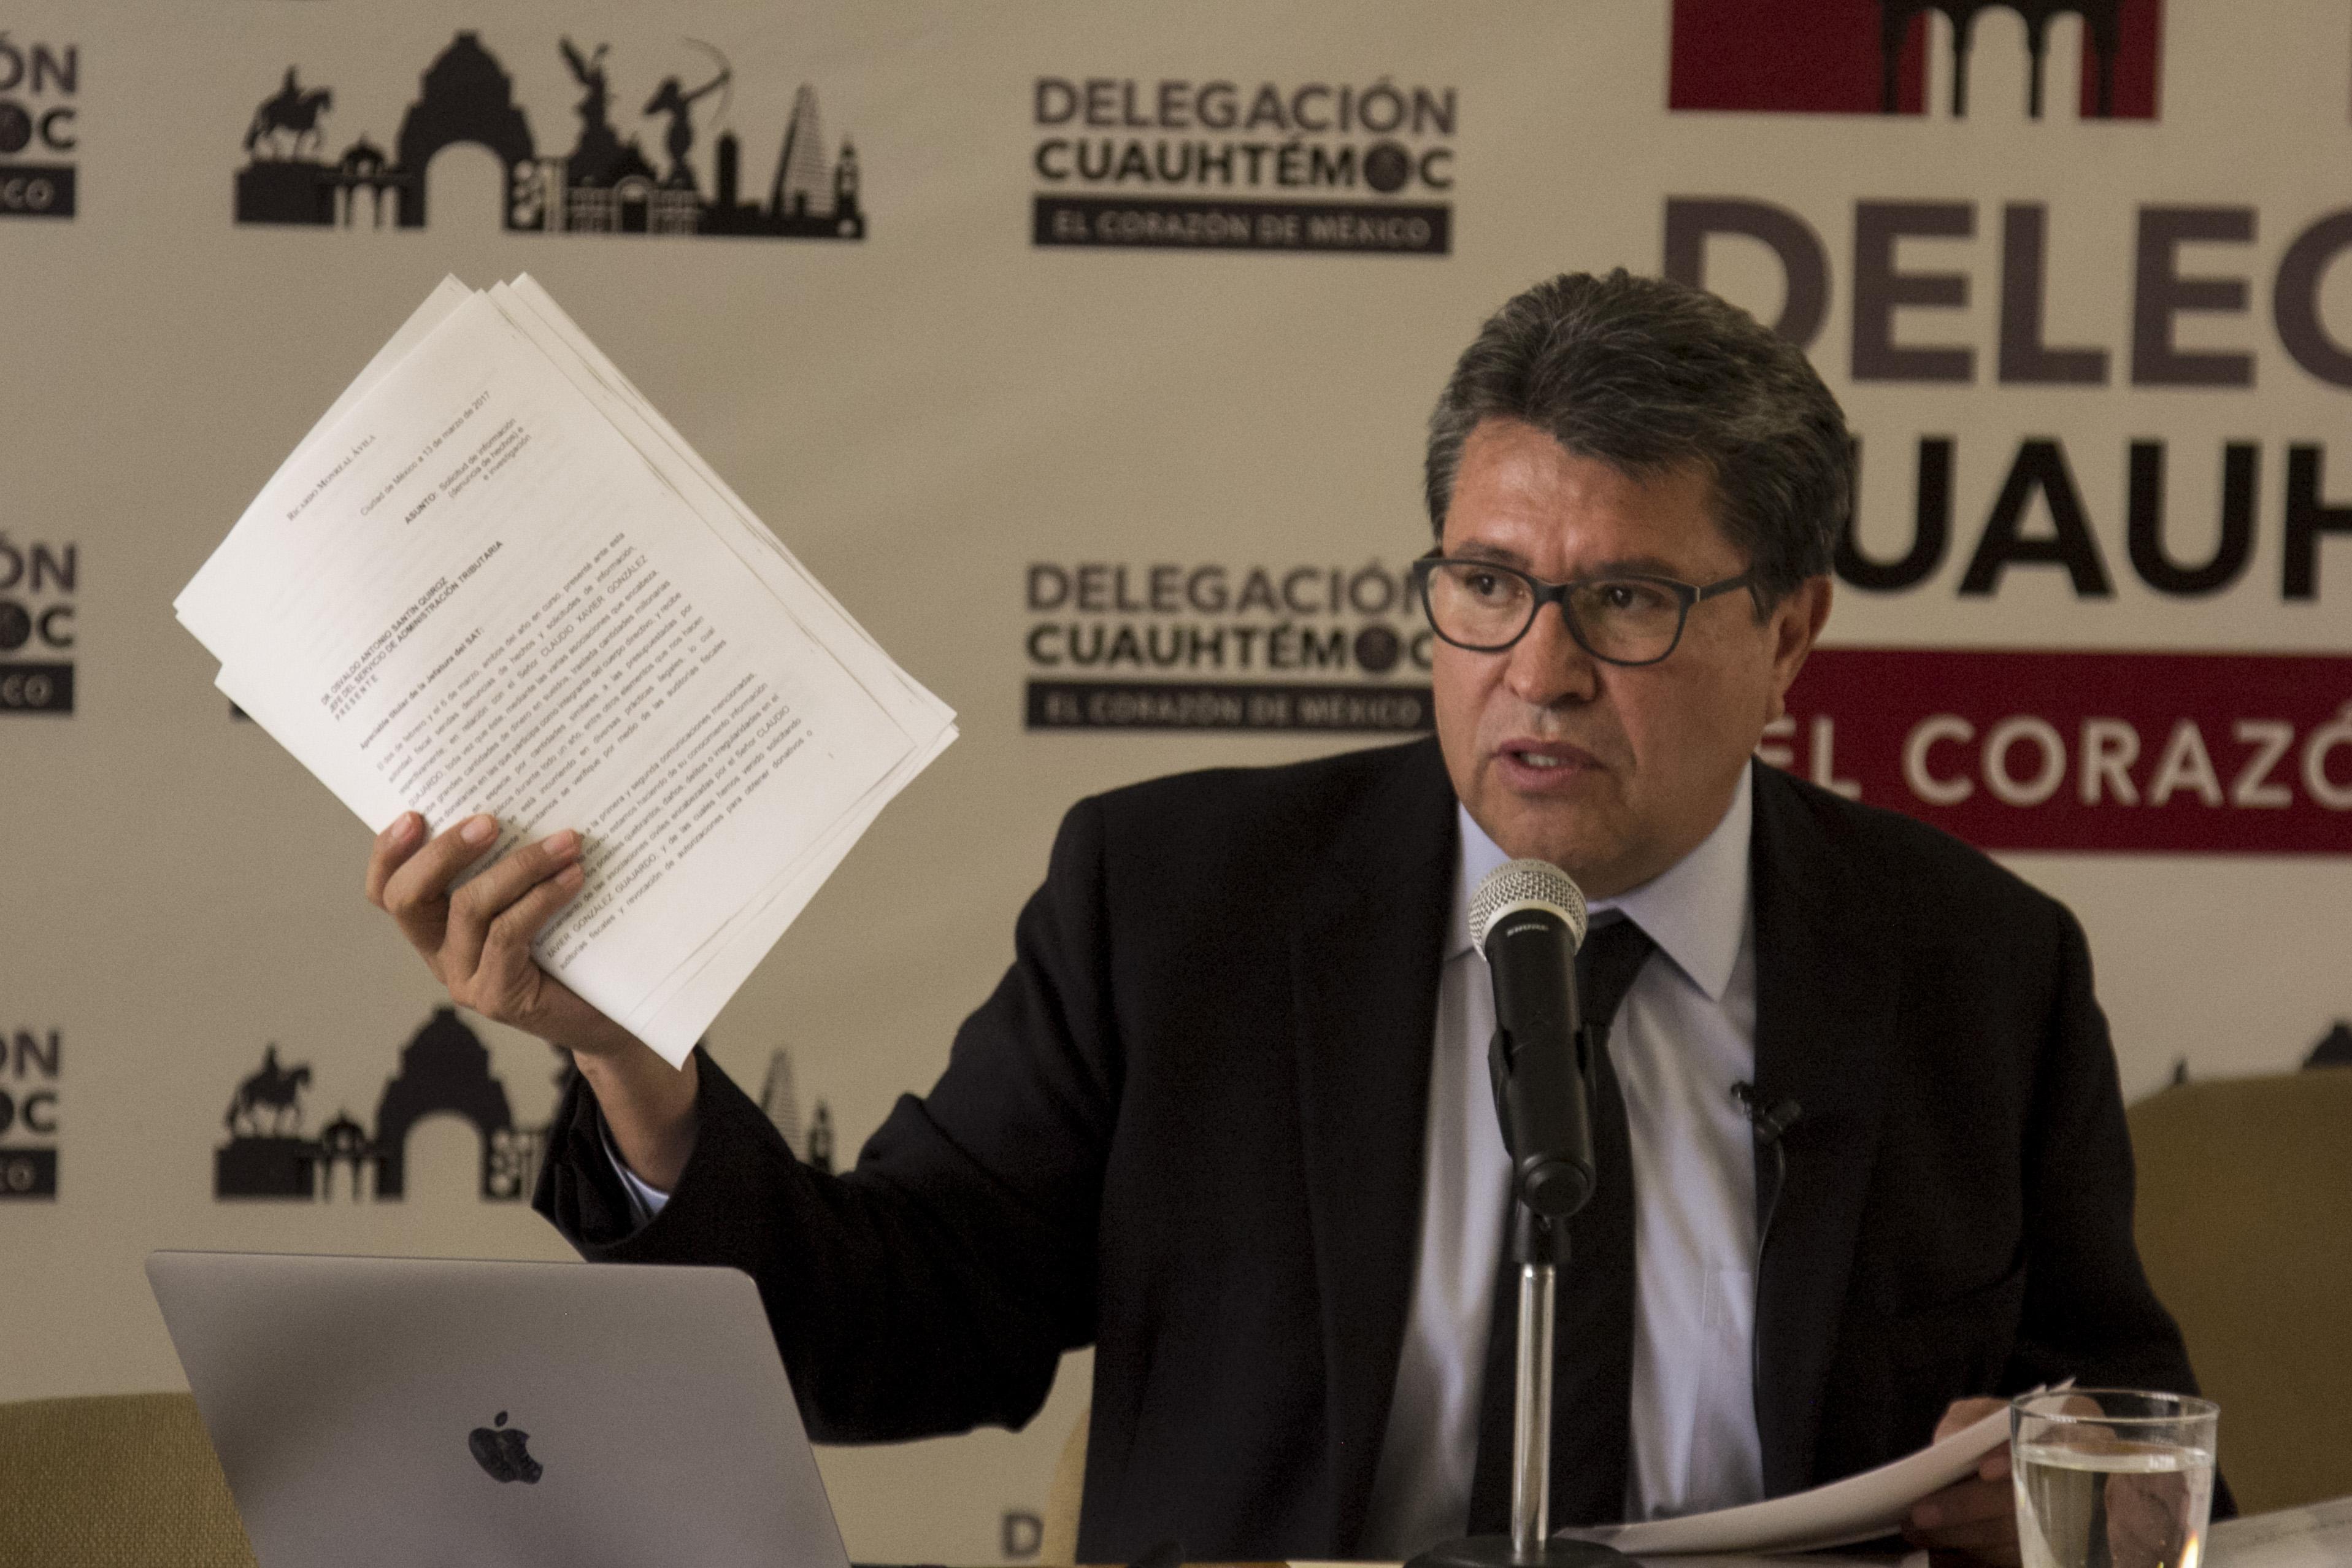 Ricardo Monreal, jefe delegacional en Cuauhtémoc, ofreció conferencia a medios para dar a conocer la documentación de los contratos, que en días anteriores fueron señalados de favoritistas.  FOTO: GALO CAÑAS /CUARTOSCURO.COM